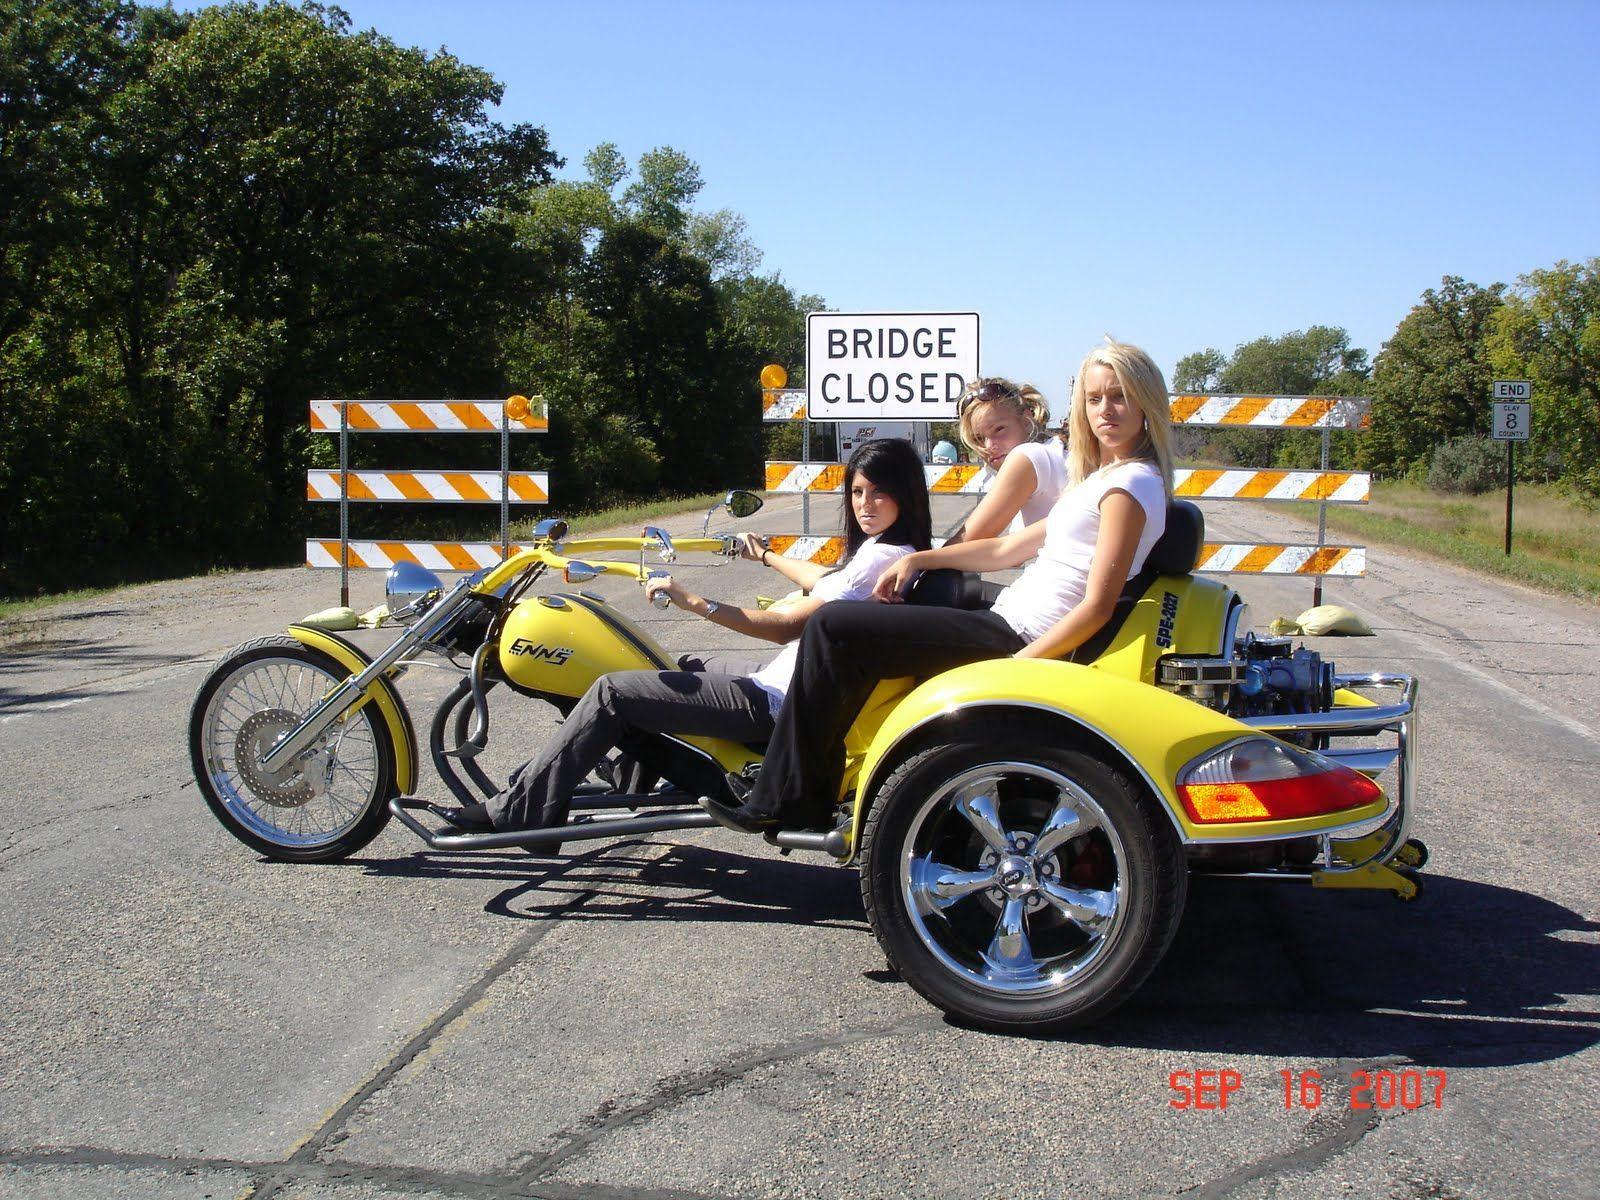 Vw Trikes For Sale Buy Vw Trike Motorcycles Used Vw Trikes Harleydavidsontrike Vw Trike Custom Trikes Trike Motorcycle